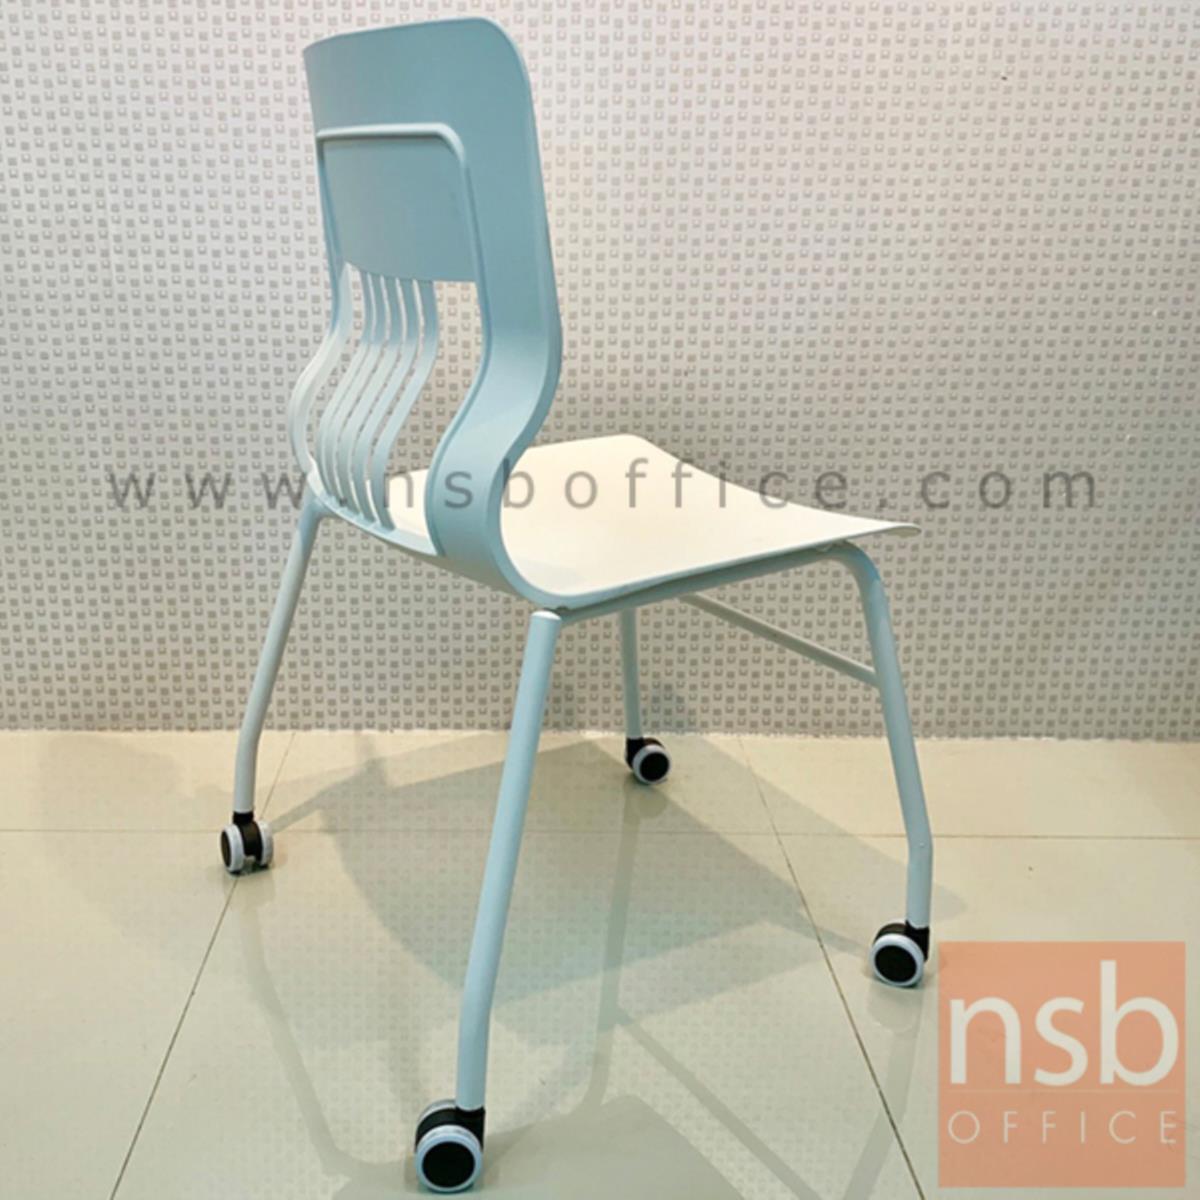 เก้าอี้อเนกประสงค์เฟรมโพลี่ล้อเลื่อน รุ่น Chaucer (ชอเซอร์) ซ้อนเก็บได้